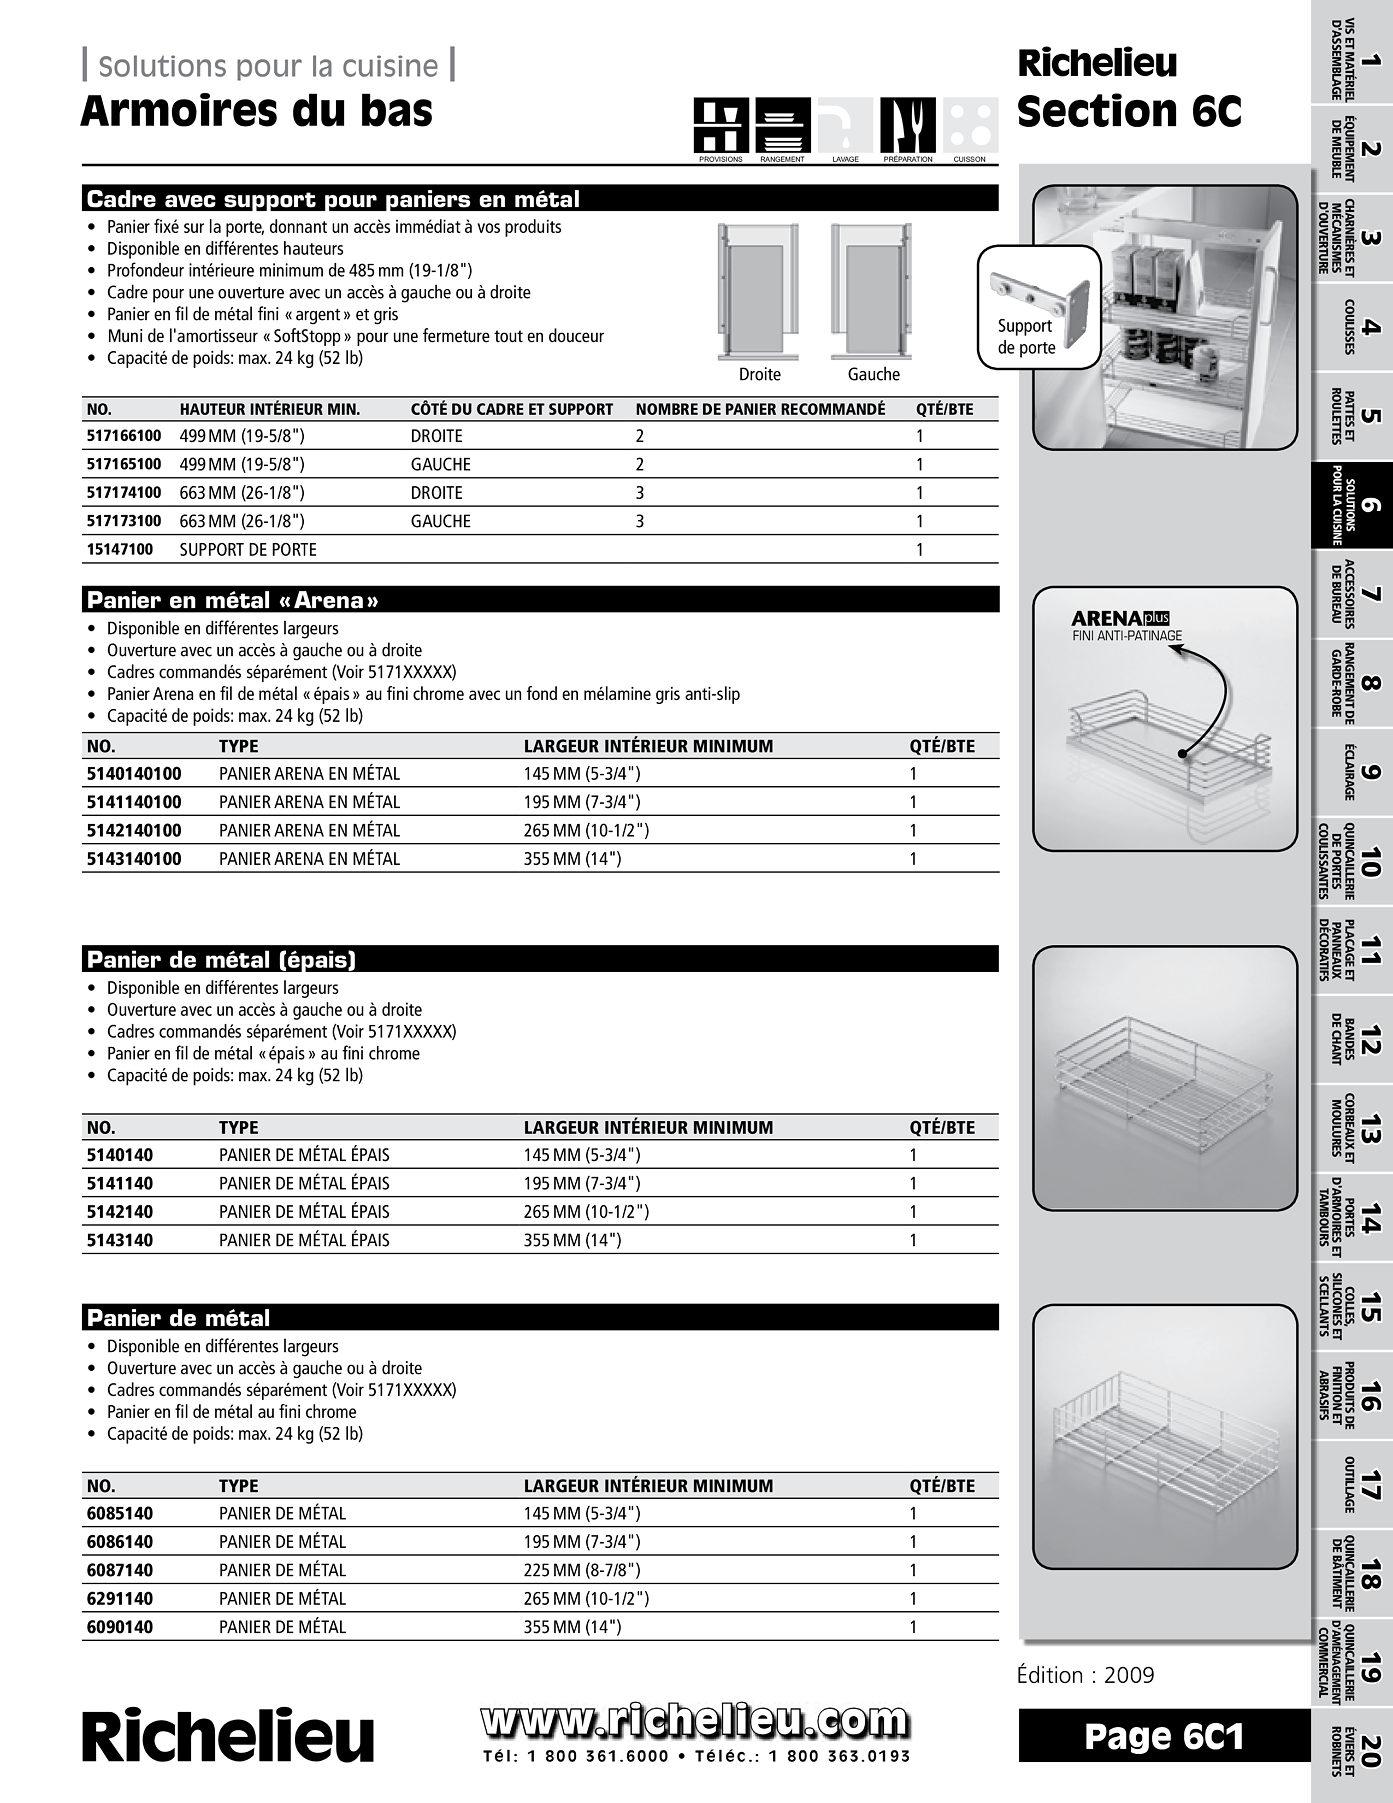 librairie des catalogues richelieu armoires du bas page 1 quincaillerie richelieu. Black Bedroom Furniture Sets. Home Design Ideas